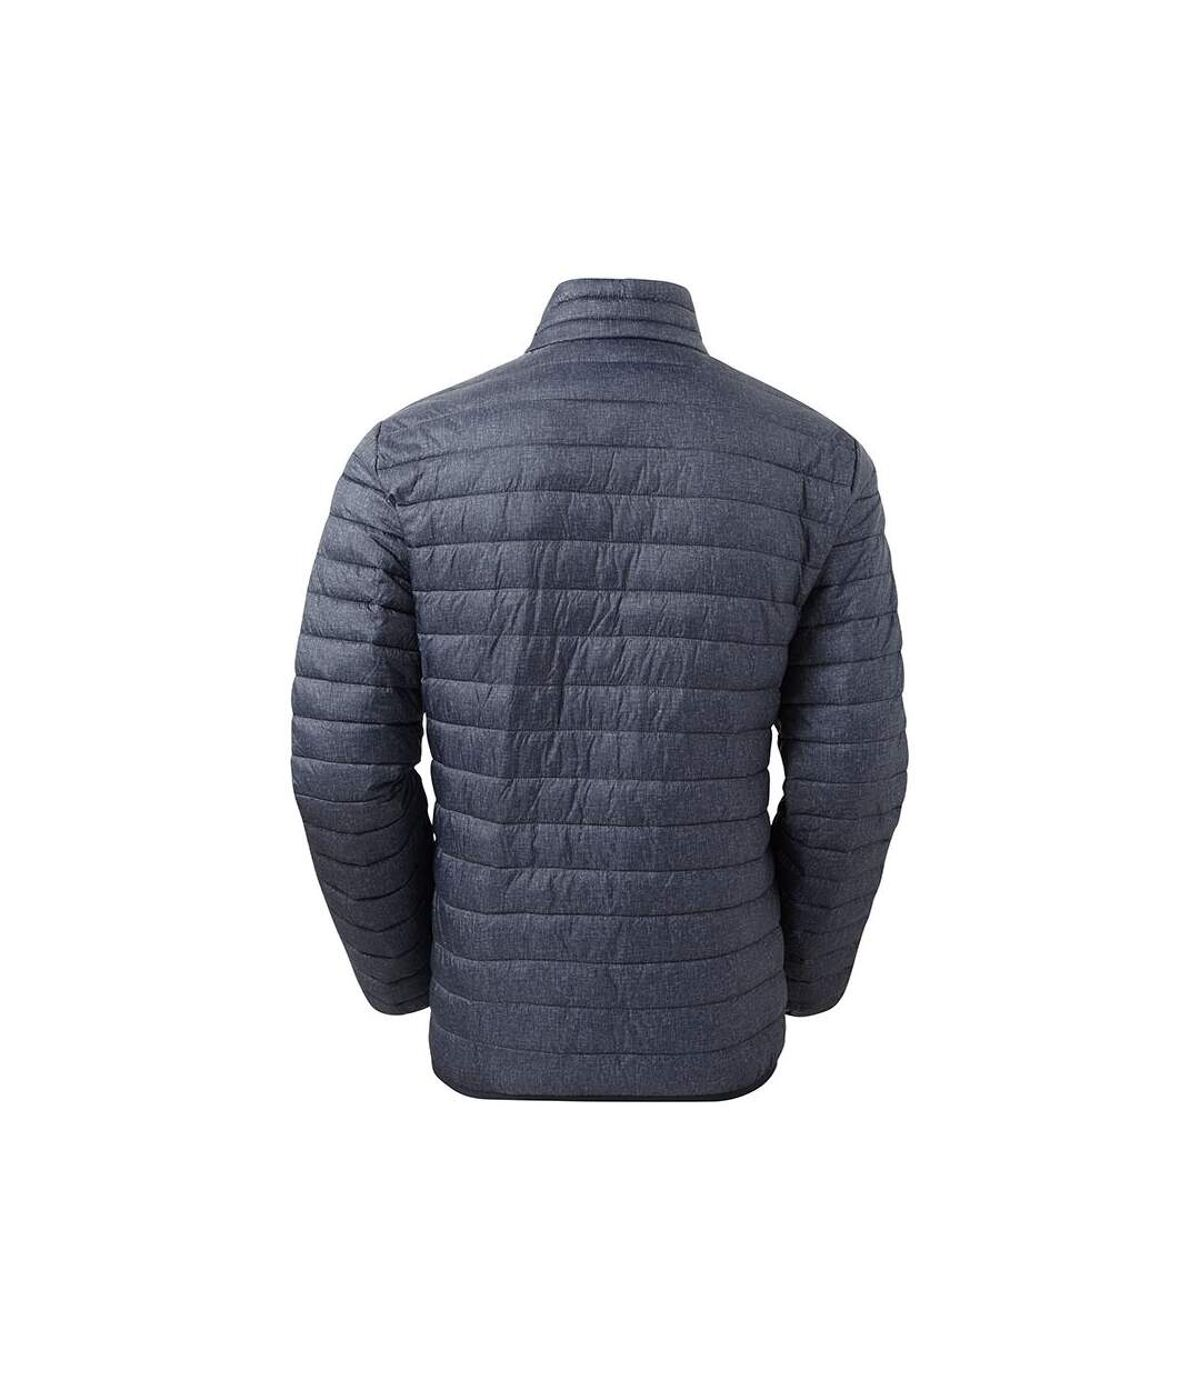 2786 Mens Melange Padded Jacket (Navy Melange) - UTRW7331